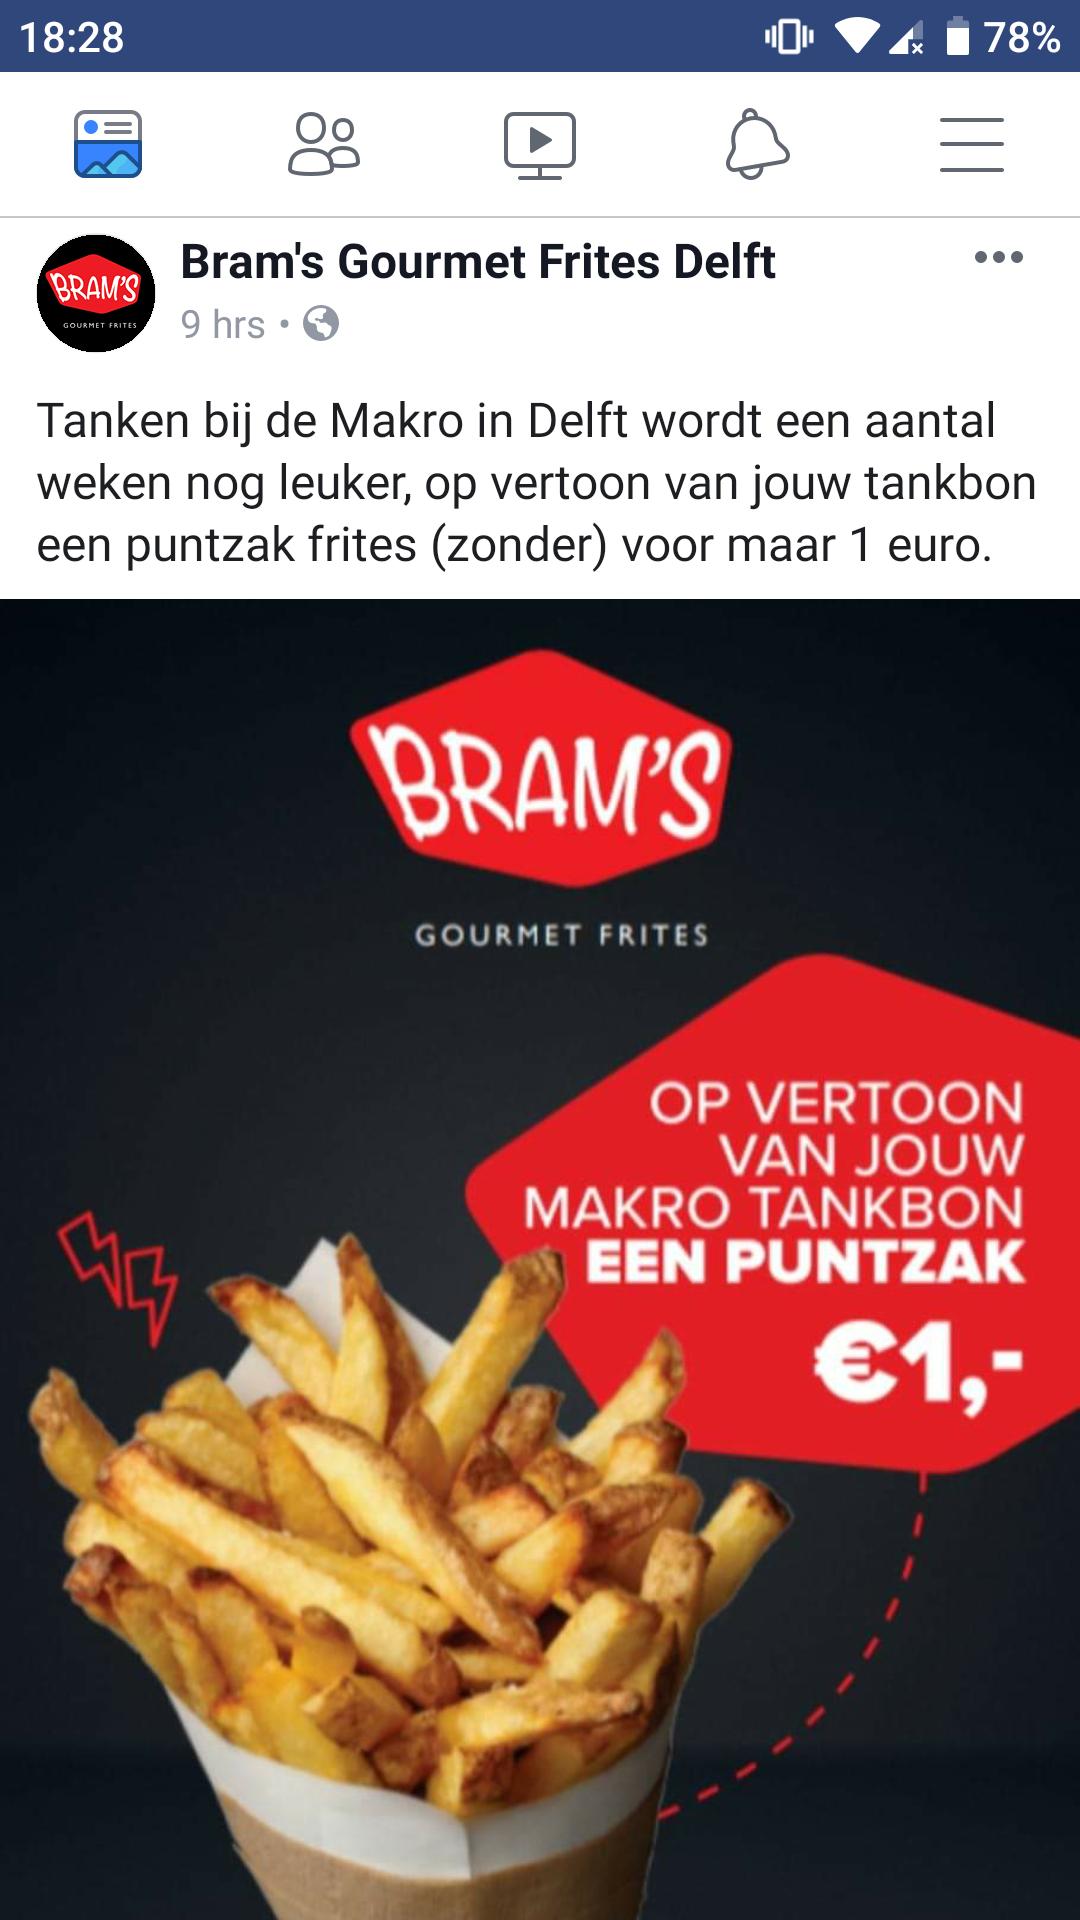 Delft: Bram's Gourmet puntzak friet 1 eur (met Makro tankbon).